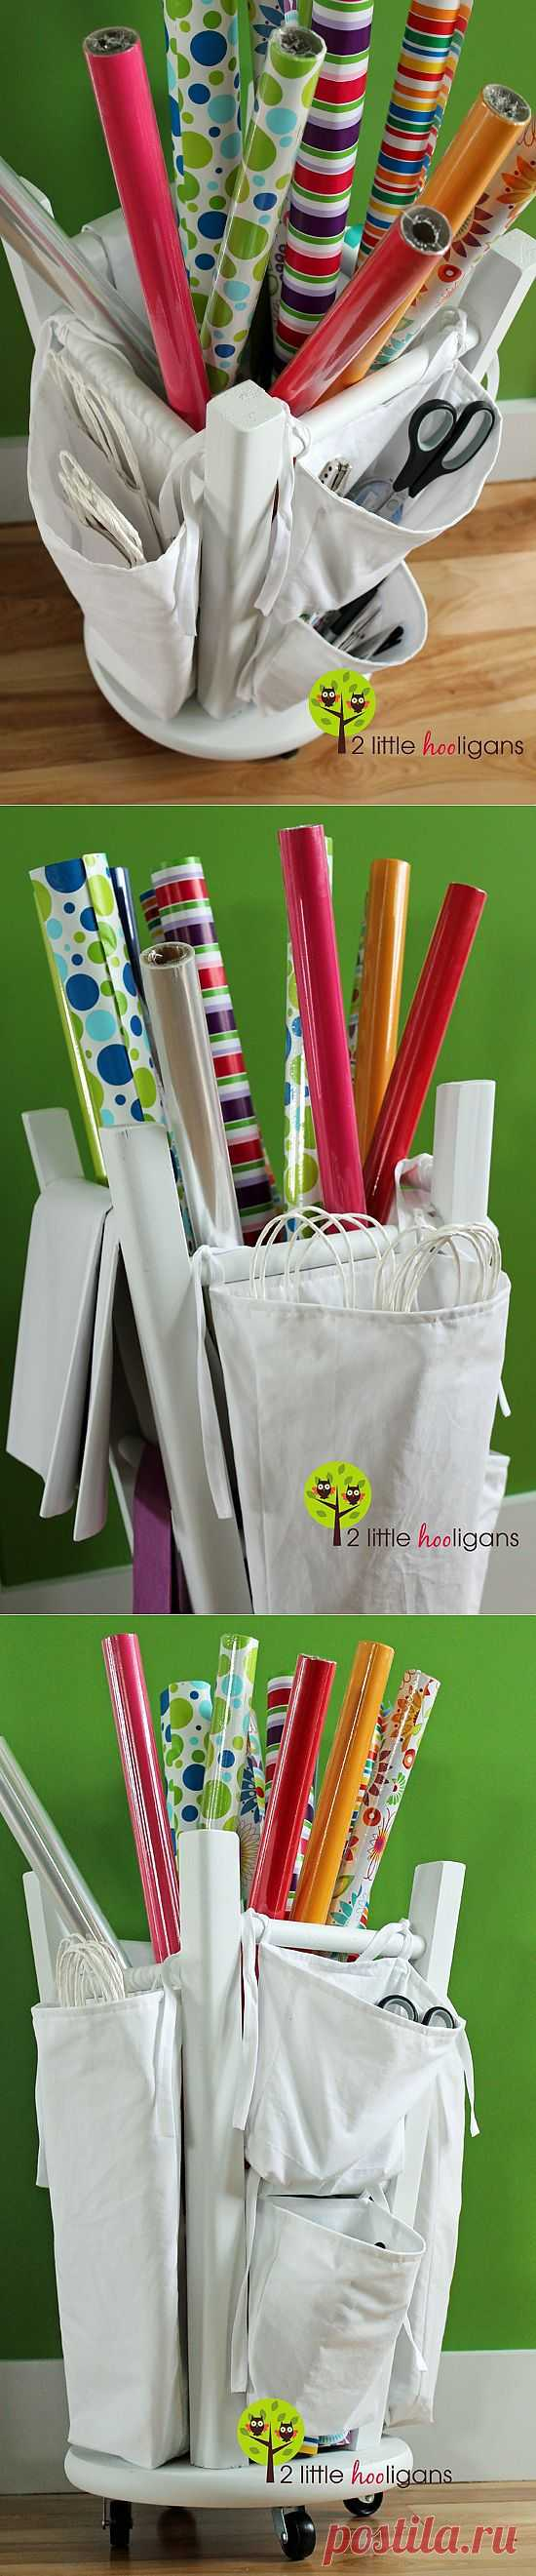 Организованное хранение упаковочной бумаги / Организованное хранение / Модный сайт о стильной переделке одежды и интерьера